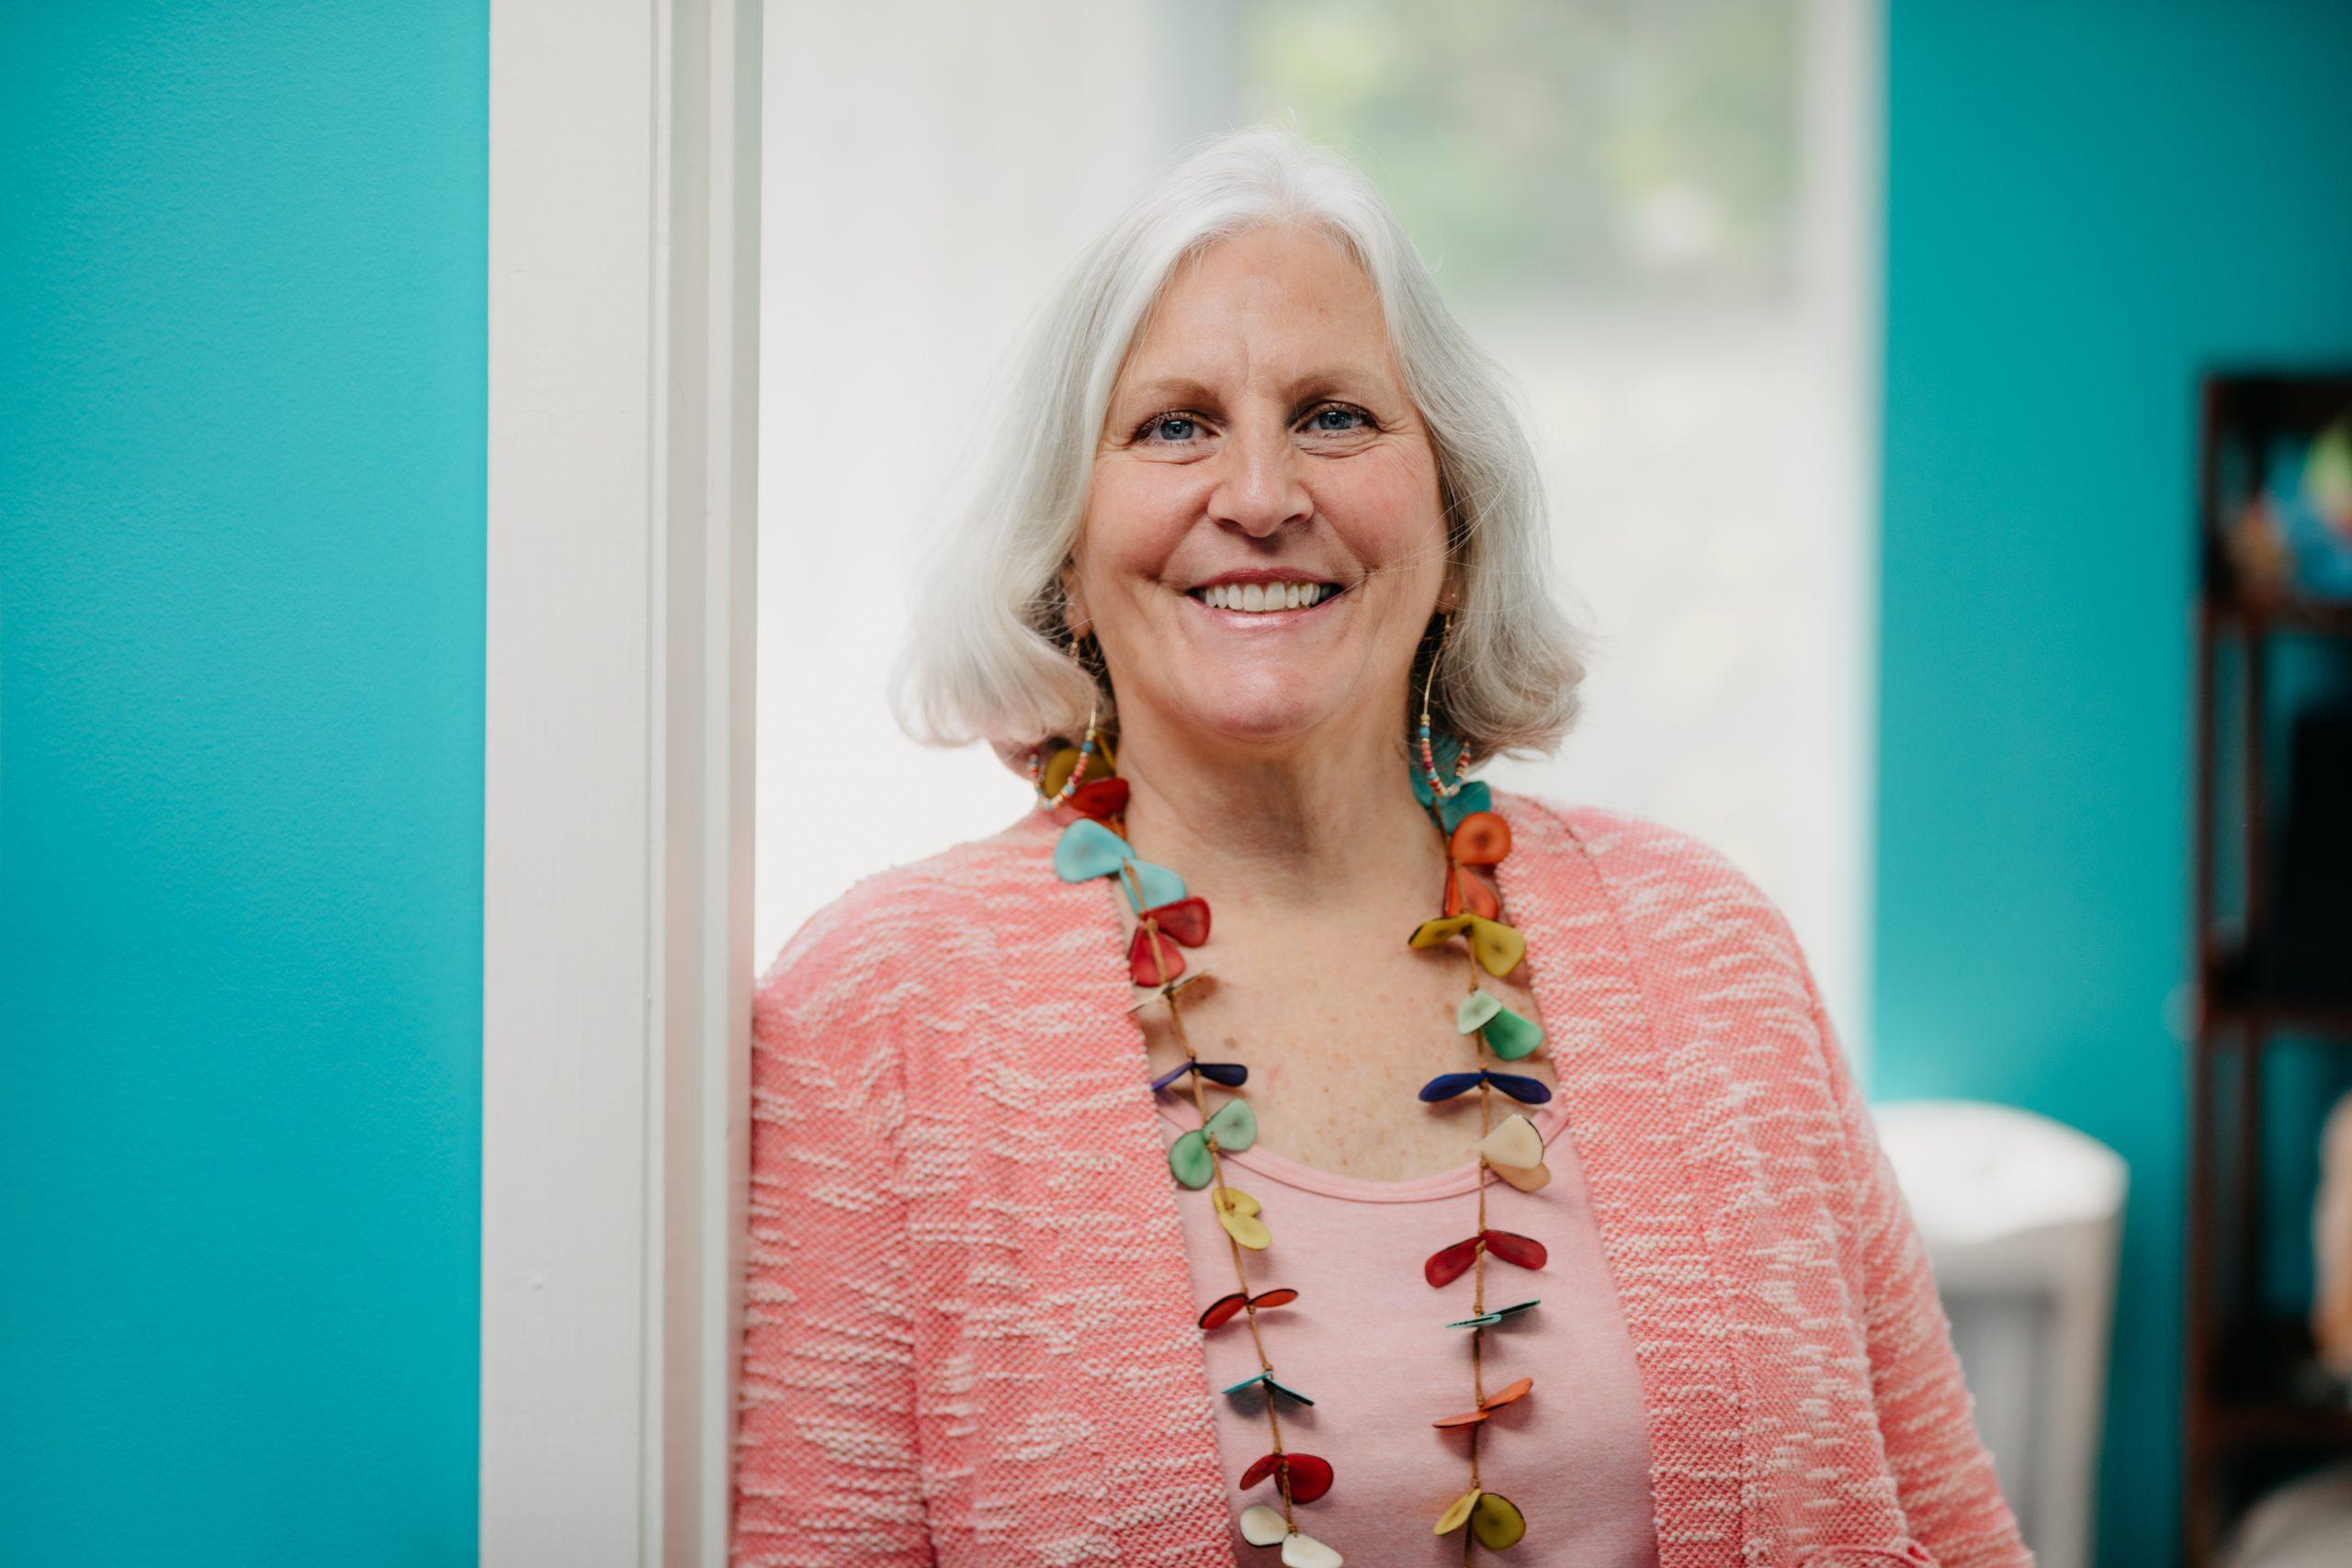 Dr. Alison Hazelbaker